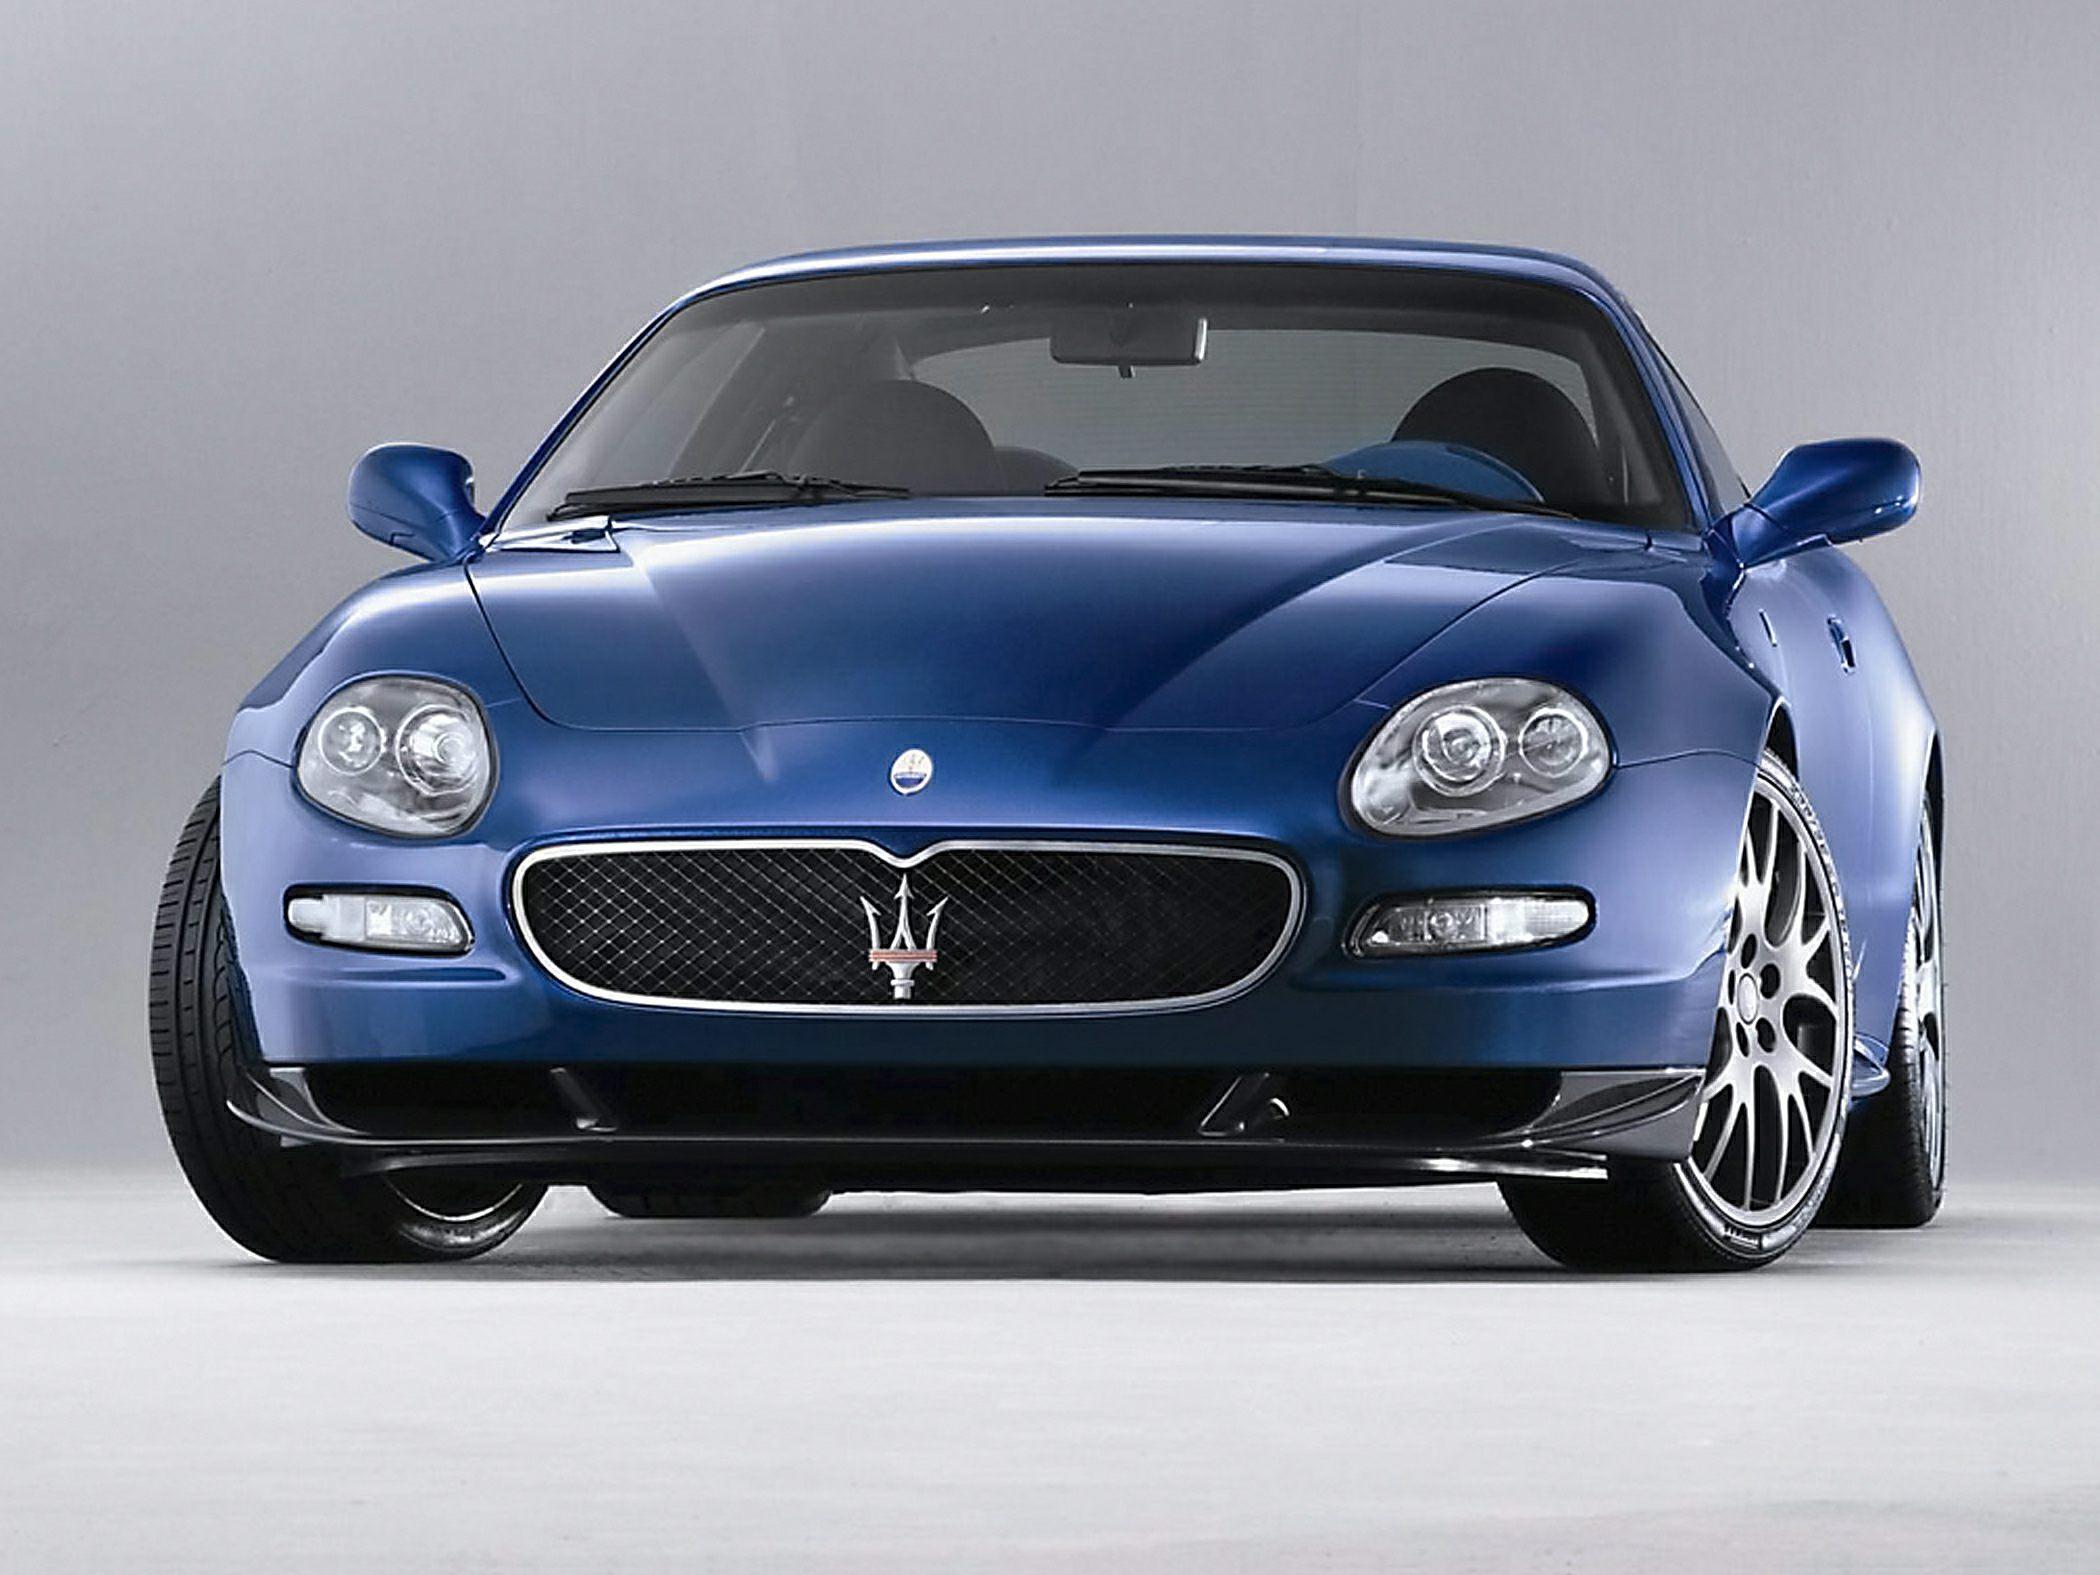 2006 Maserati Gransport Exterior Photo